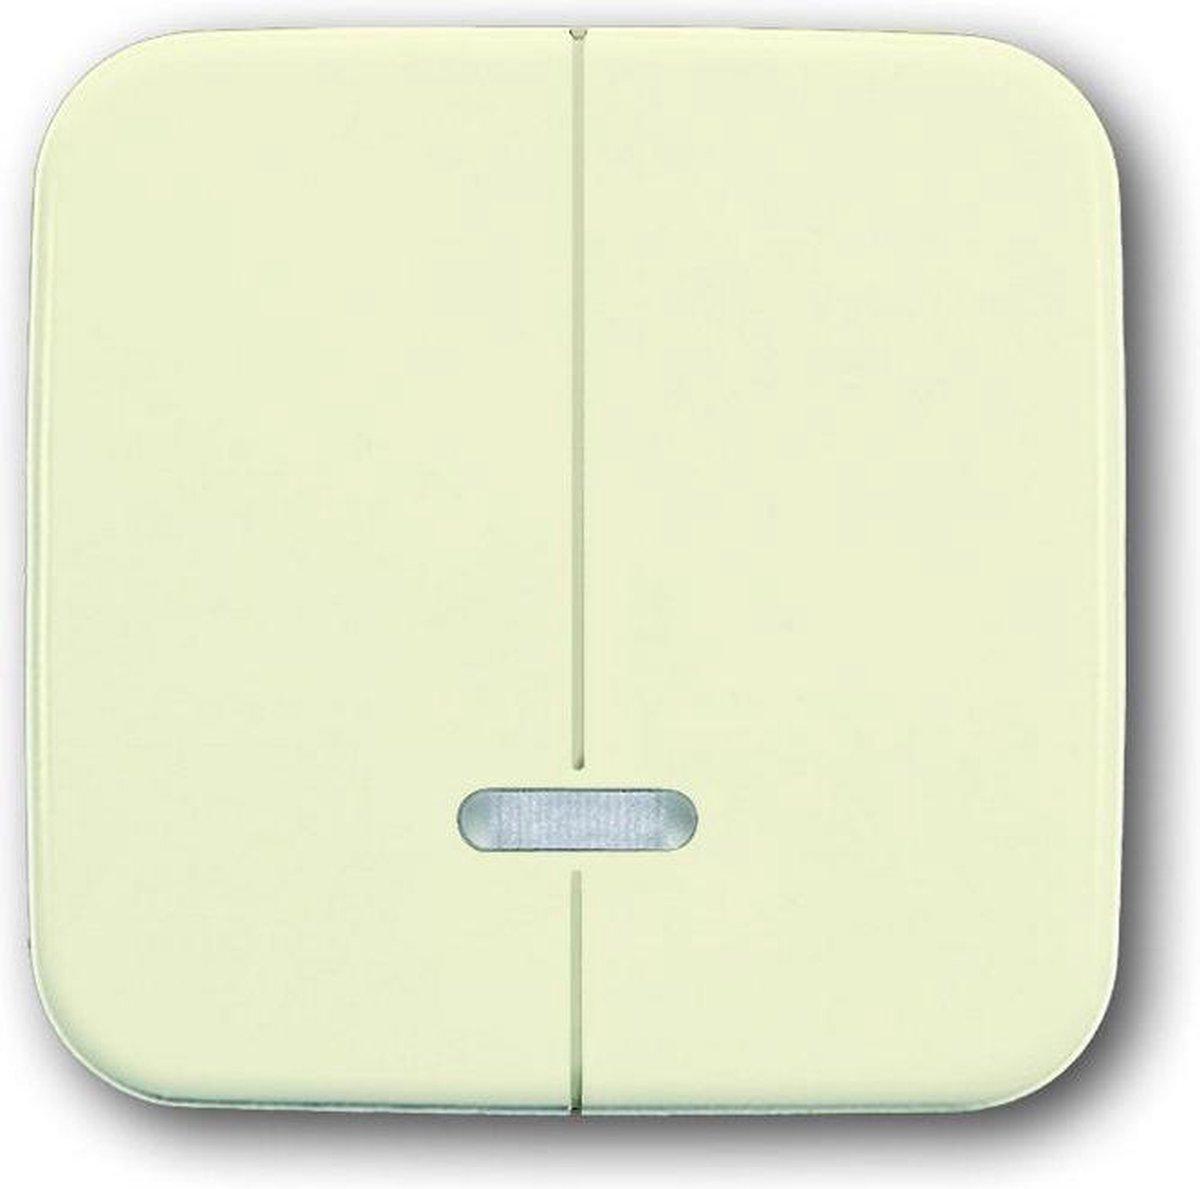 Busch-Jaeger Busch-duro 2000 SI bedieningselement voor Busch-memory-seriedimmer 6565 U, crèmewit